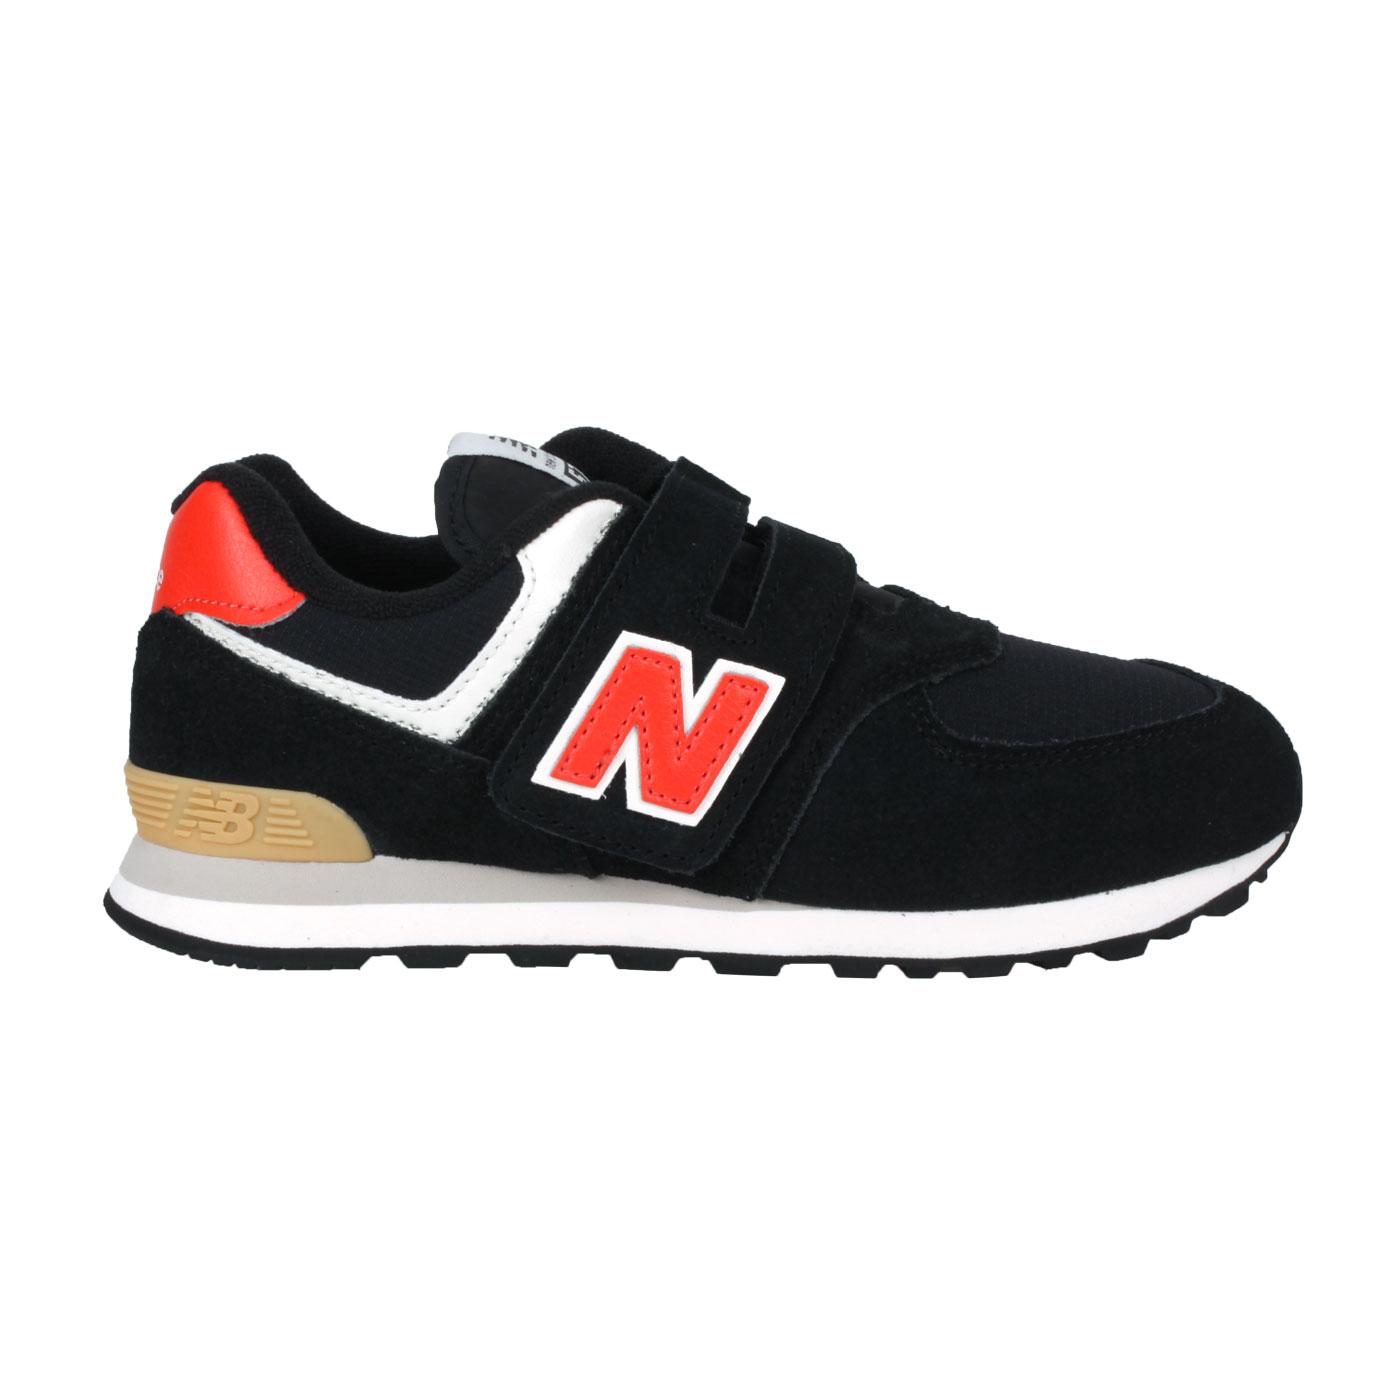 NEW BALANCE 中童休閒運動鞋-WIDE PV574ML2 - 黑橘白